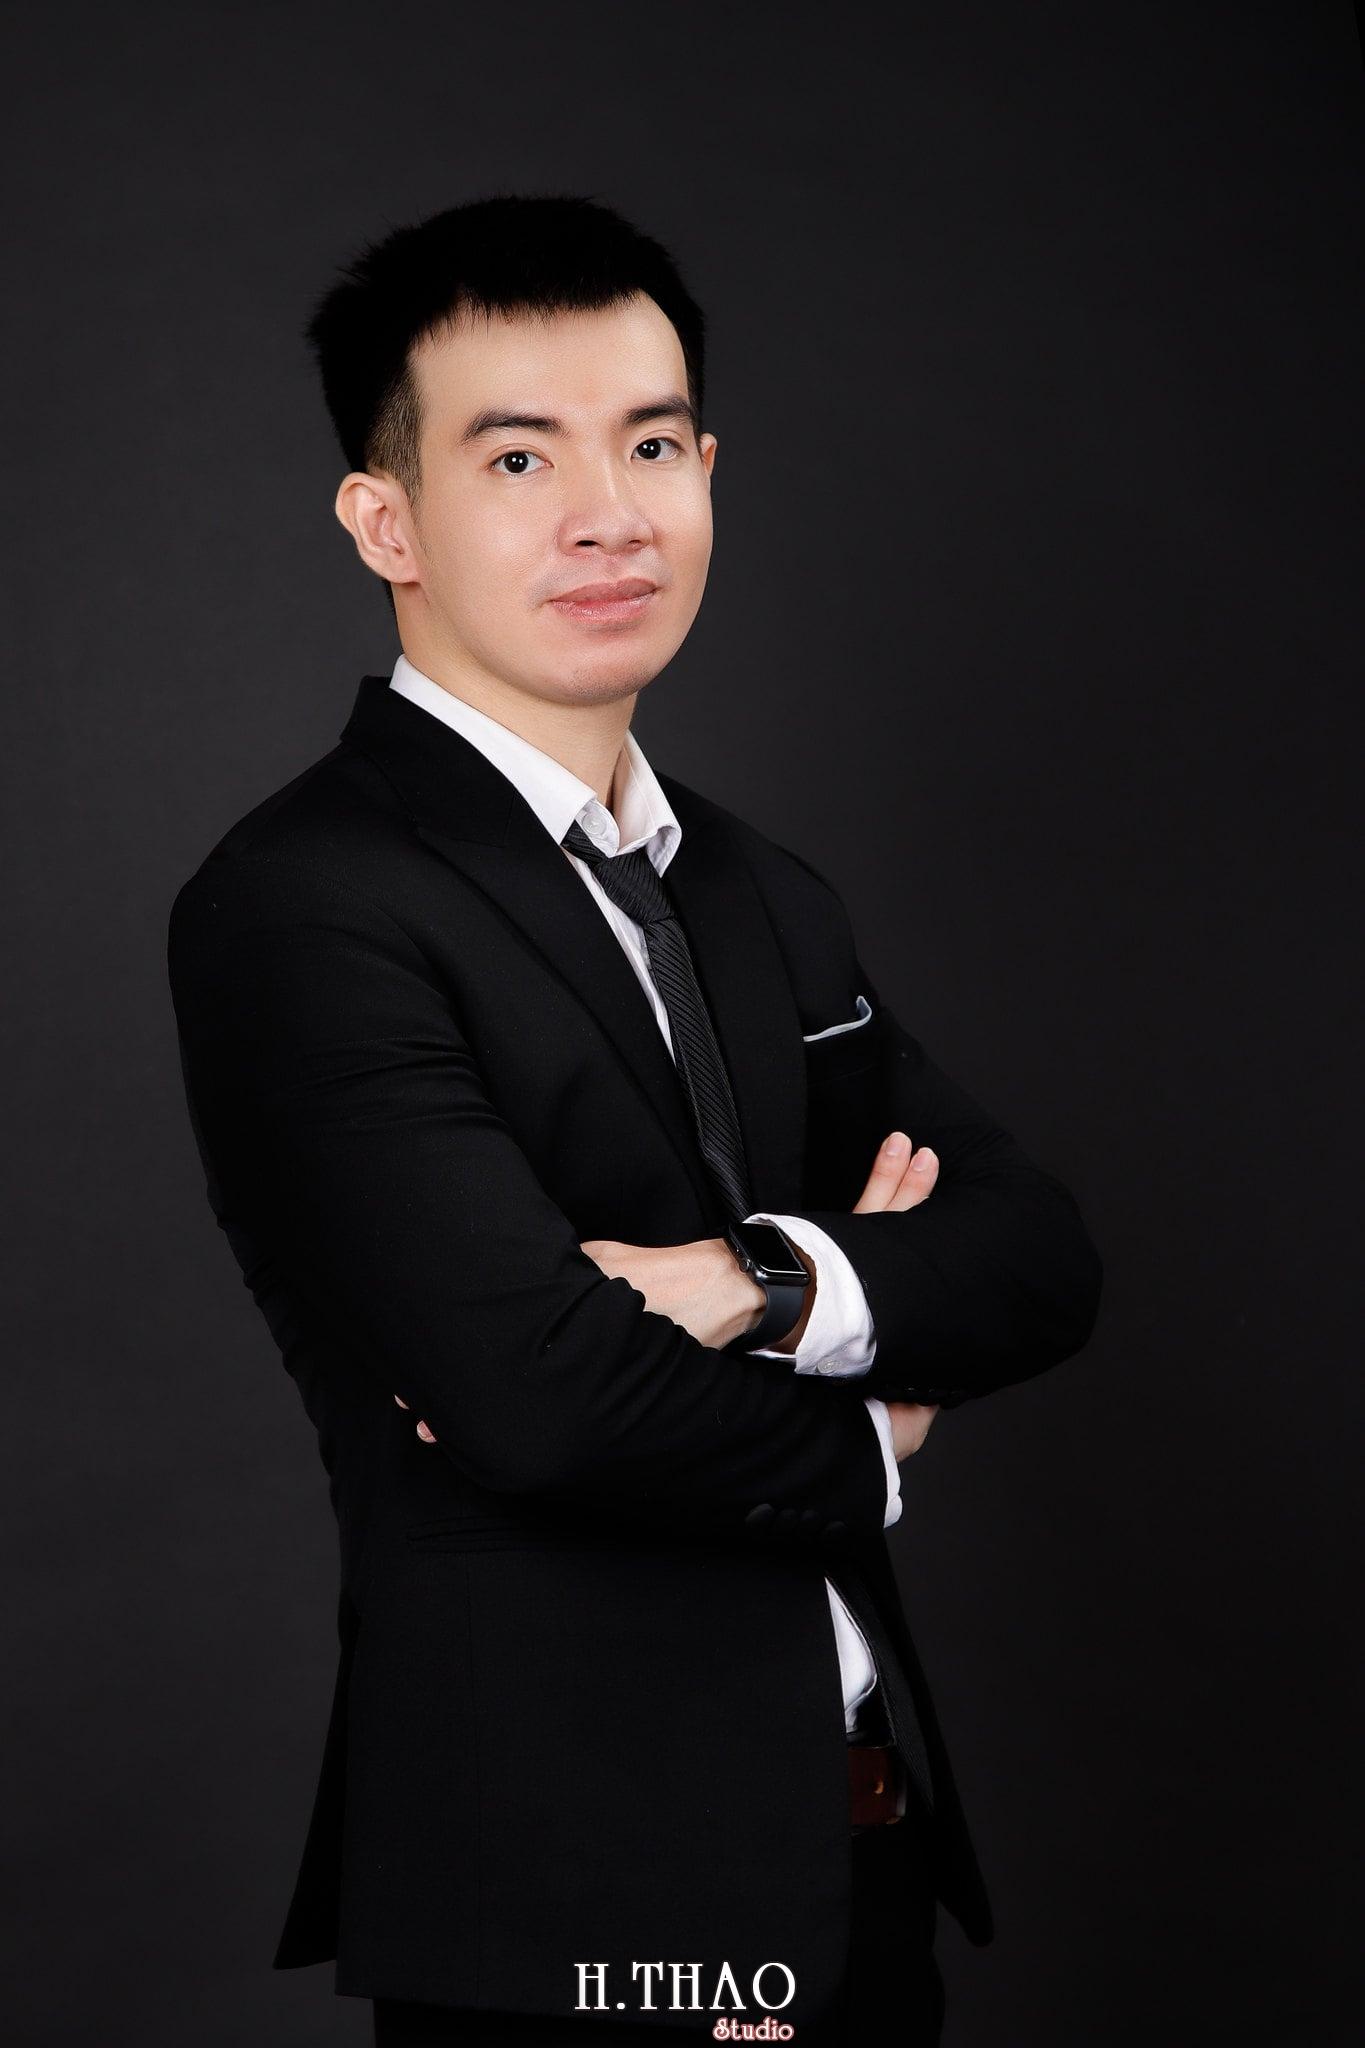 Anh profile 2 min - HThao Studio - Dịch vụ chụp ảnh chuyên nghiệp, có tâm nhất Tp.HCM